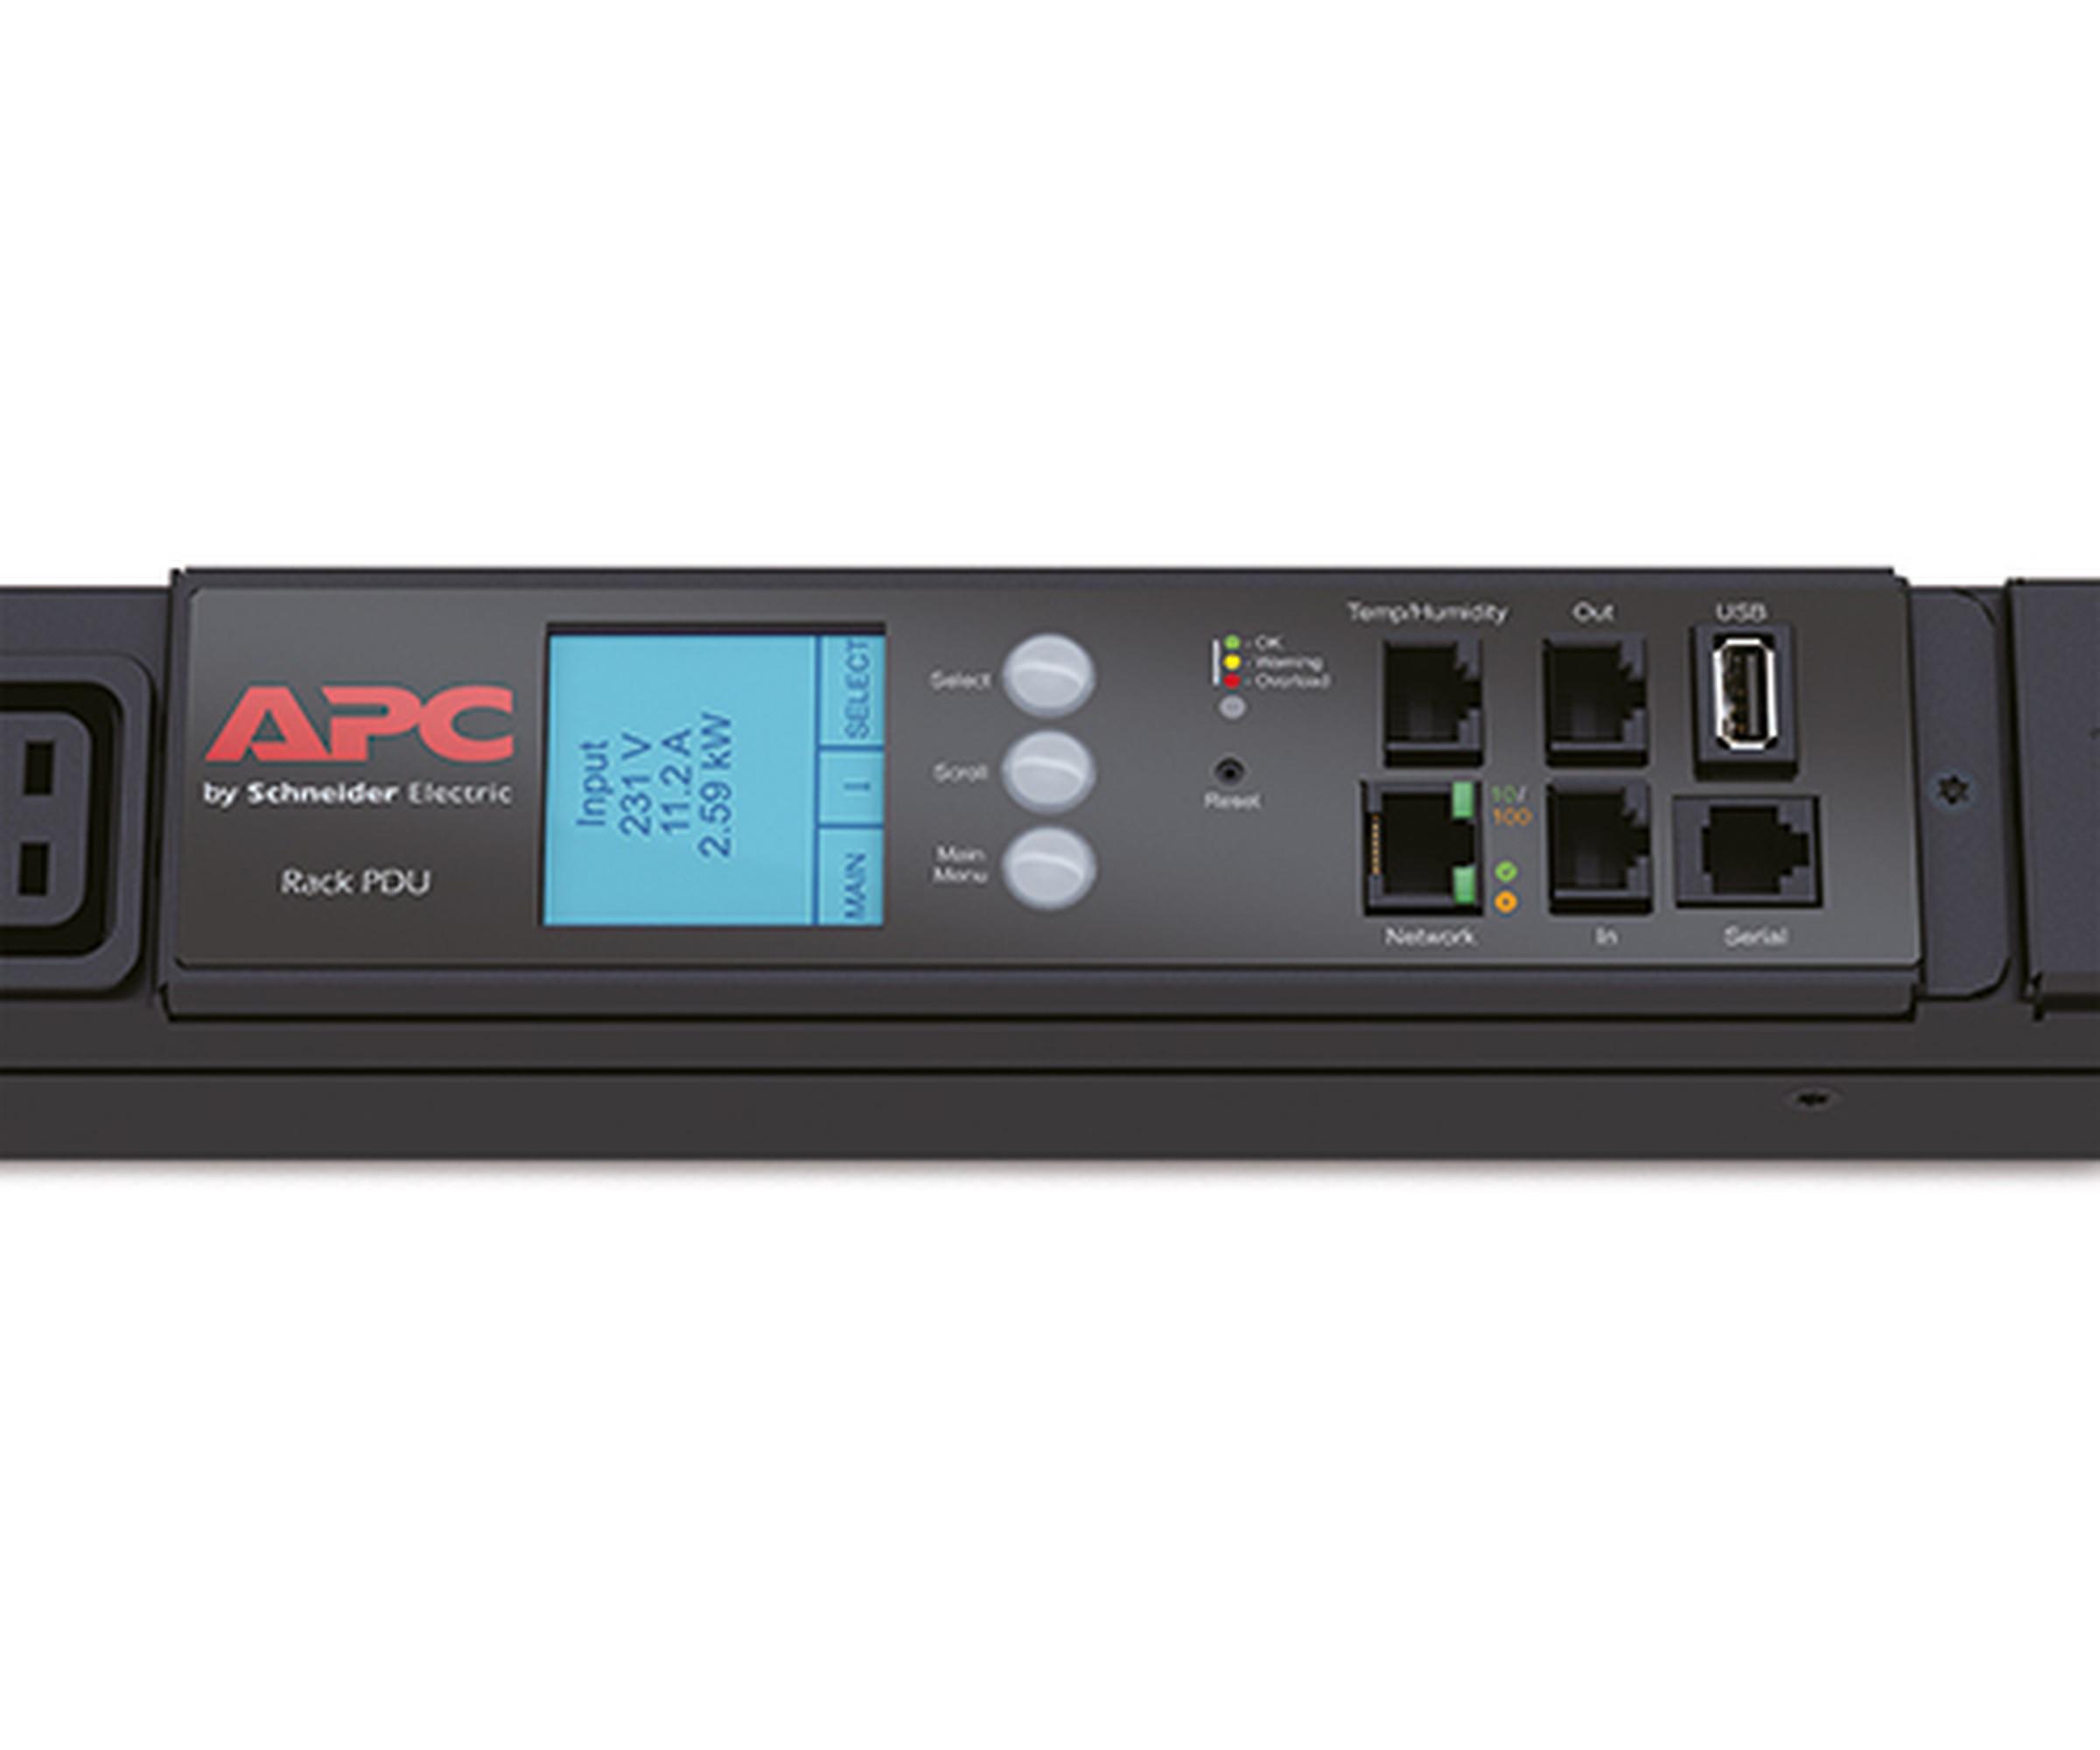 apc ap8886 power distribution unit pdu 0d black 42 ac outlet s en 5